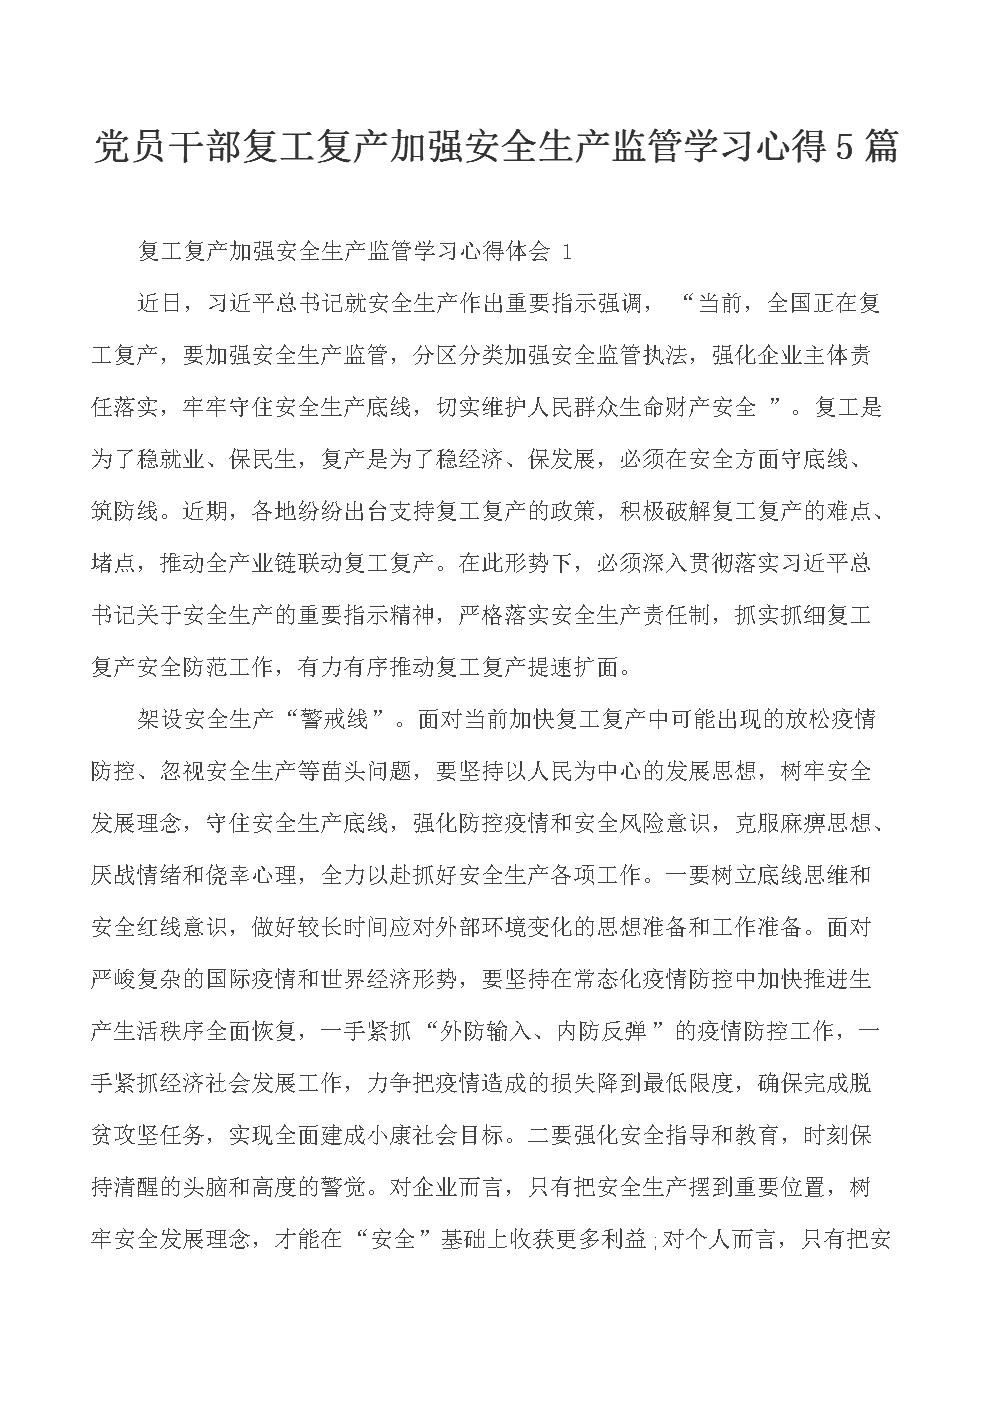 党员干部复工复产加强安全生产监管学习心得5篇.docx